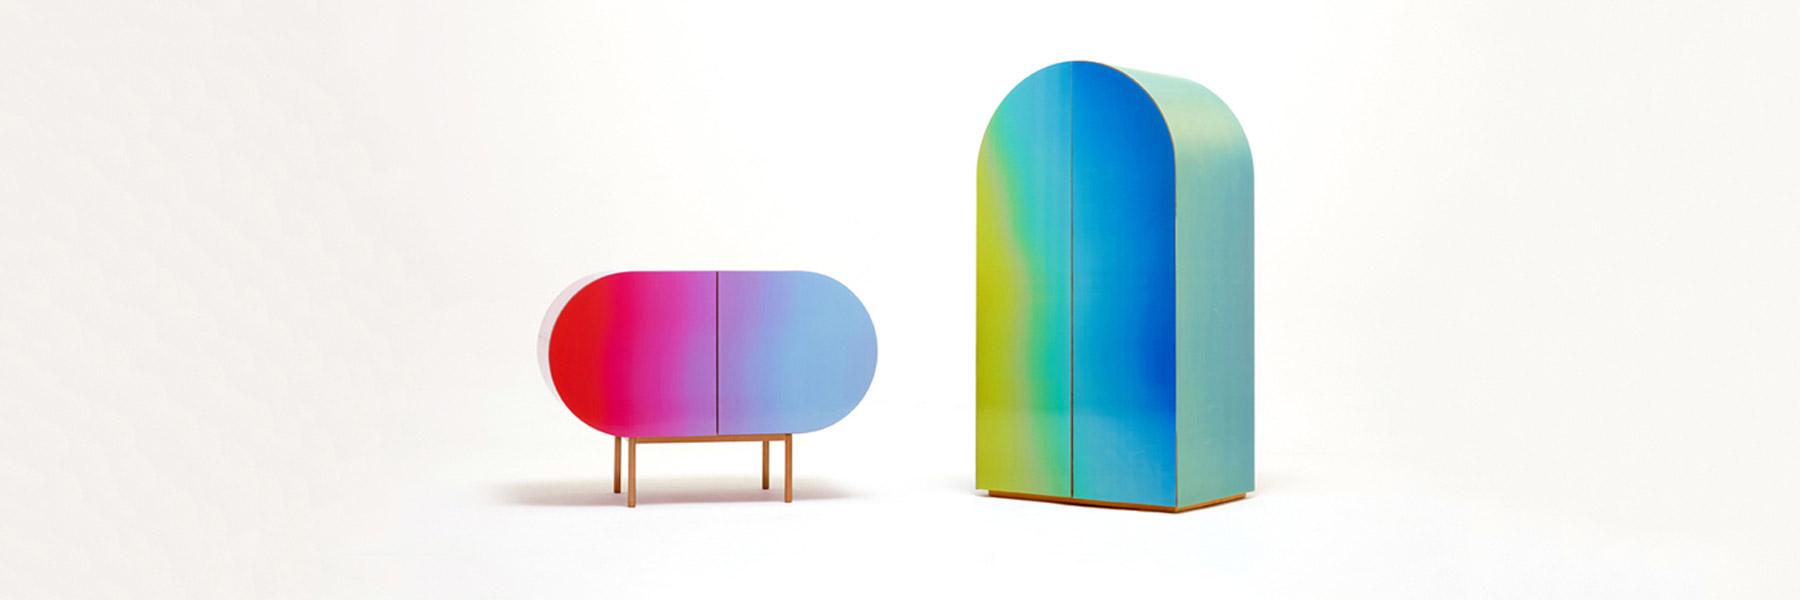 orijeen-color-flow-designboom-1800.jpg